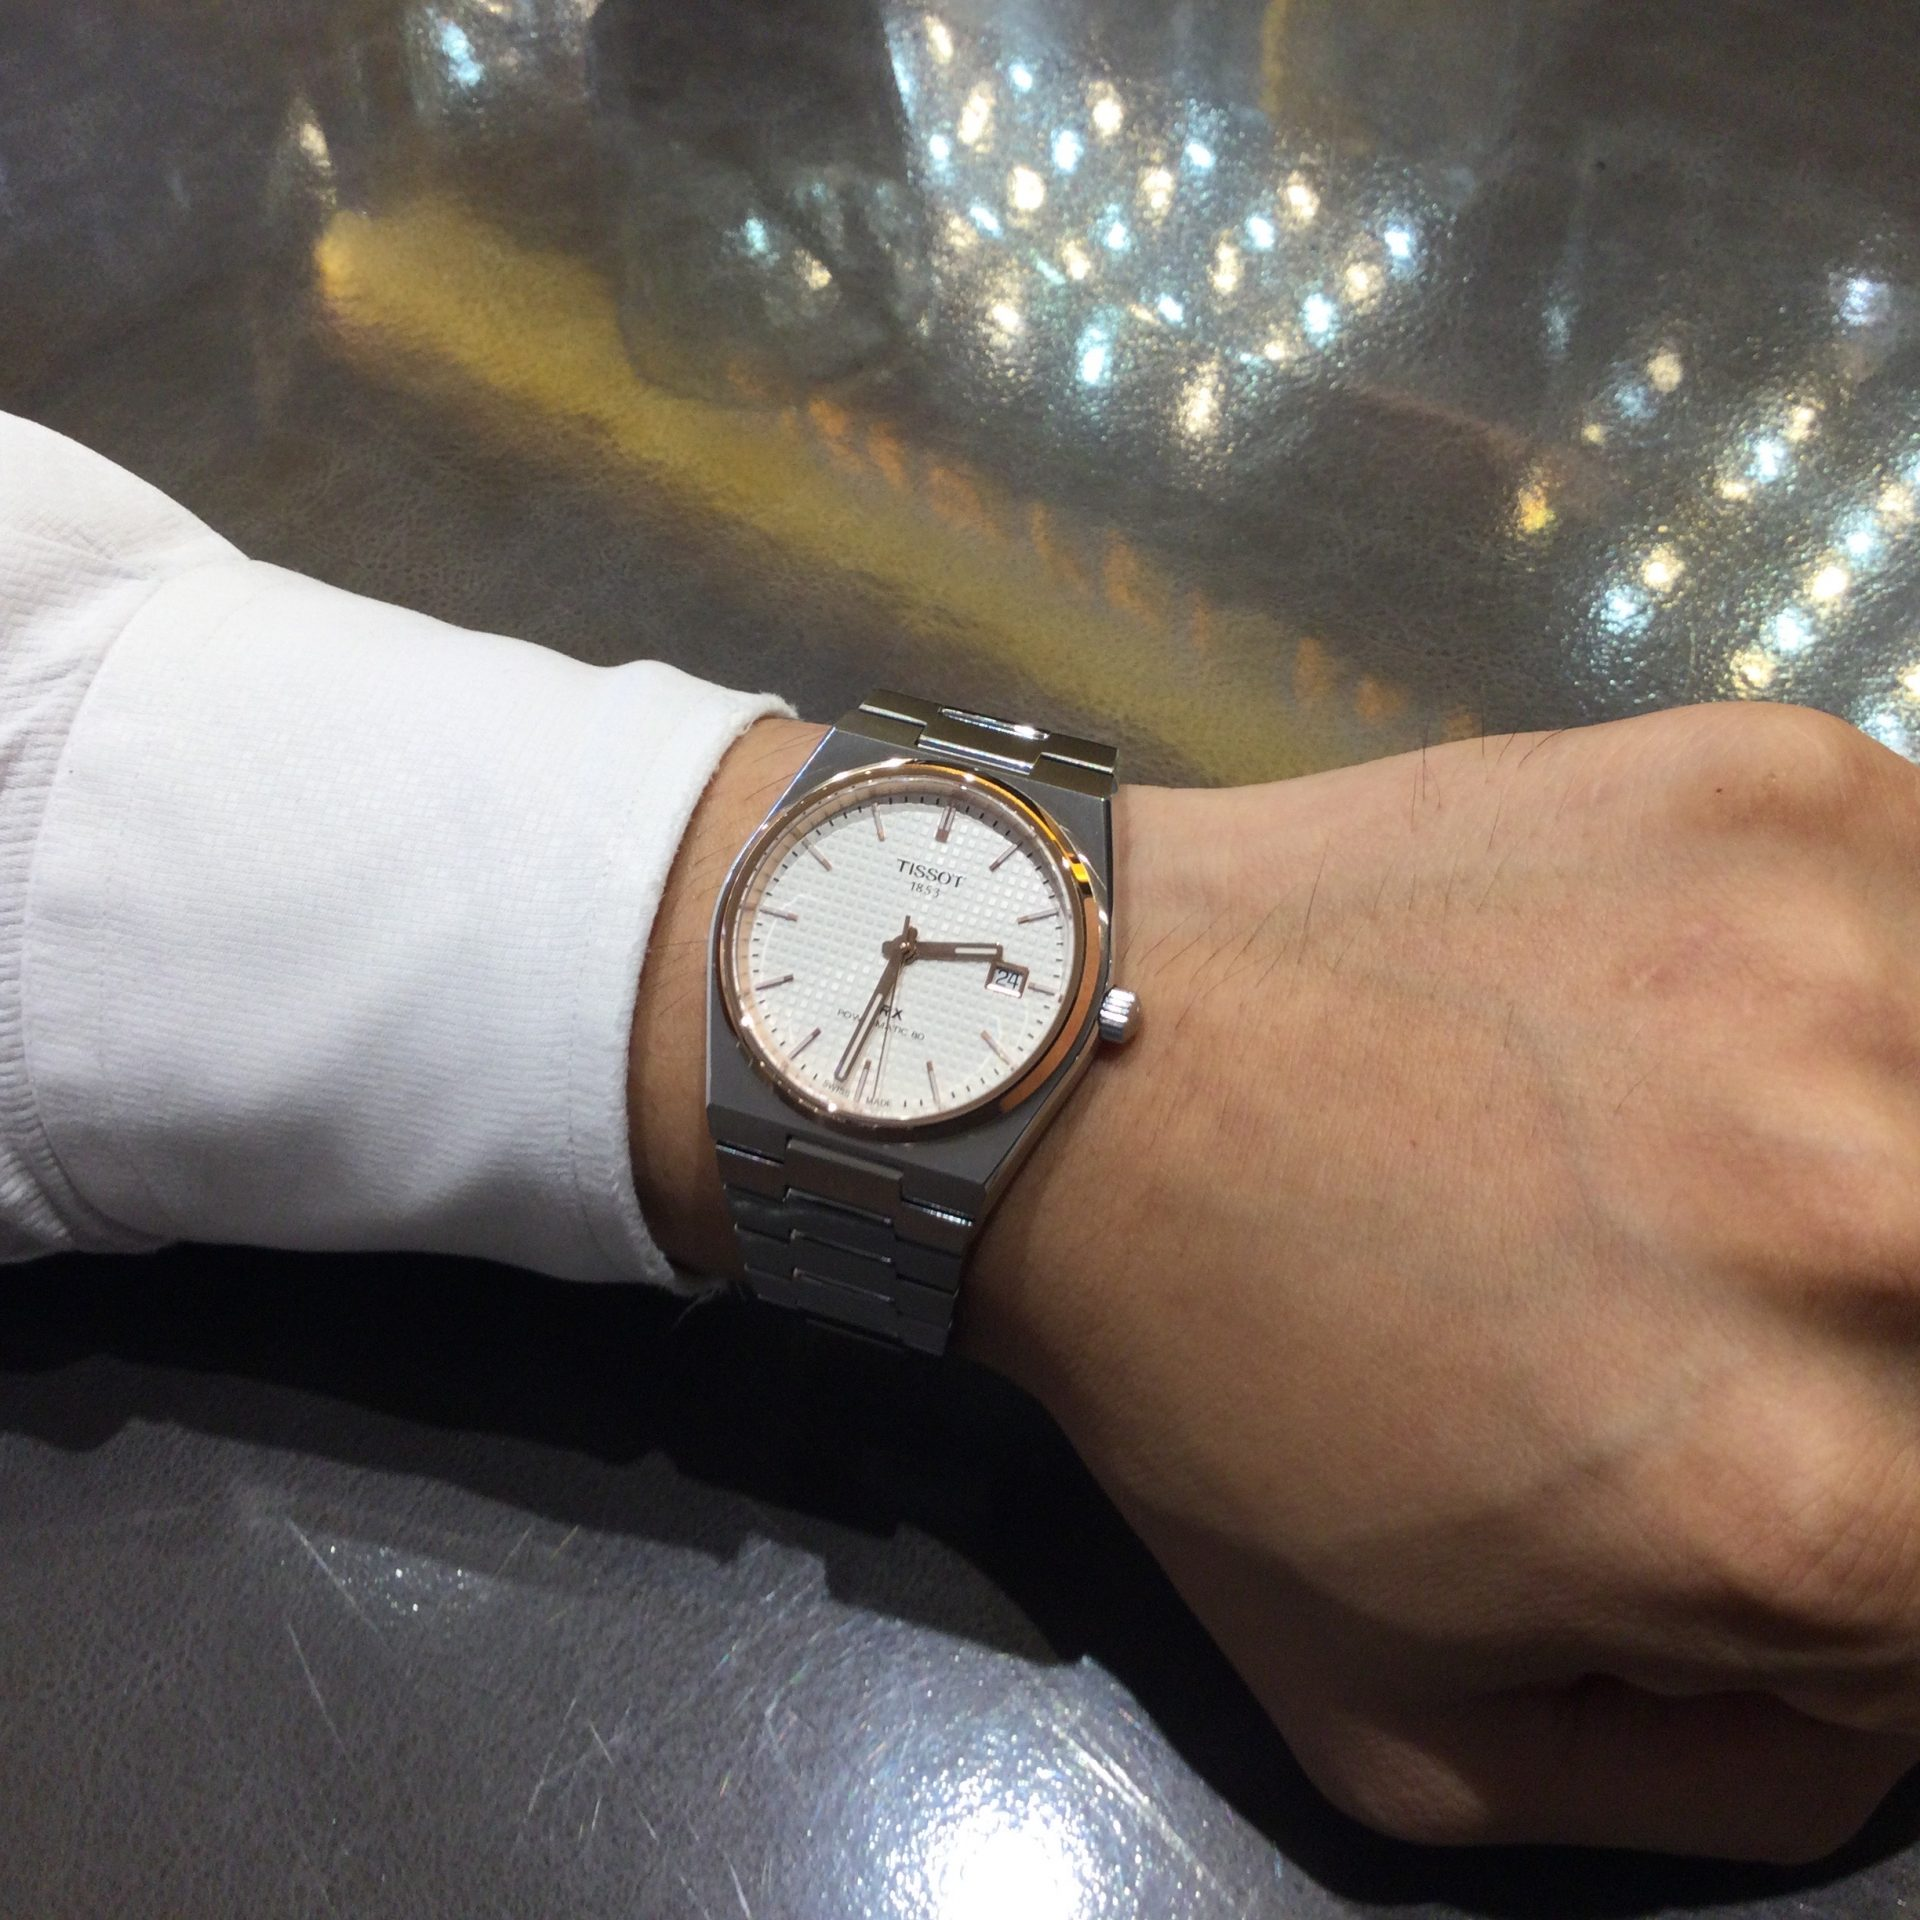 ティソのお時計をお買い上げ頂きまして、有難うございます! 画像2